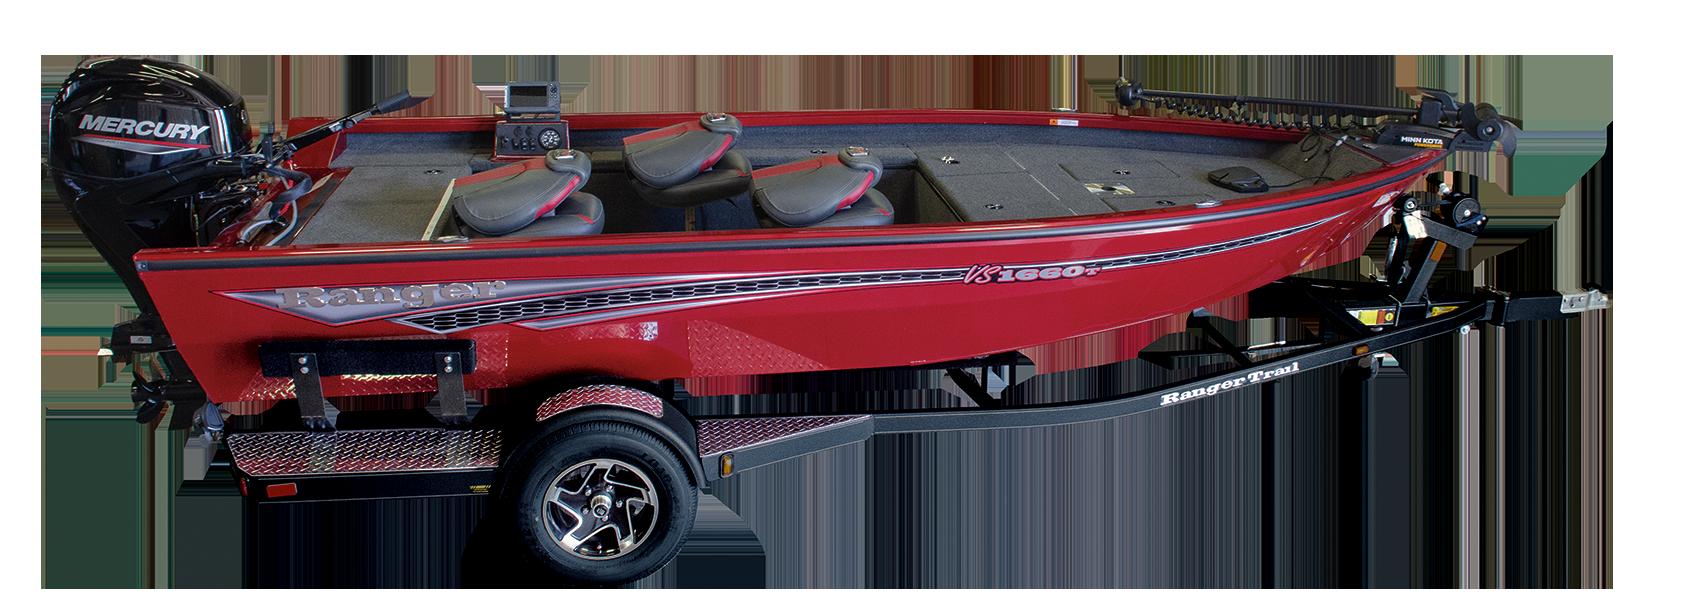 New Aluminum Tiller Model from Ranger